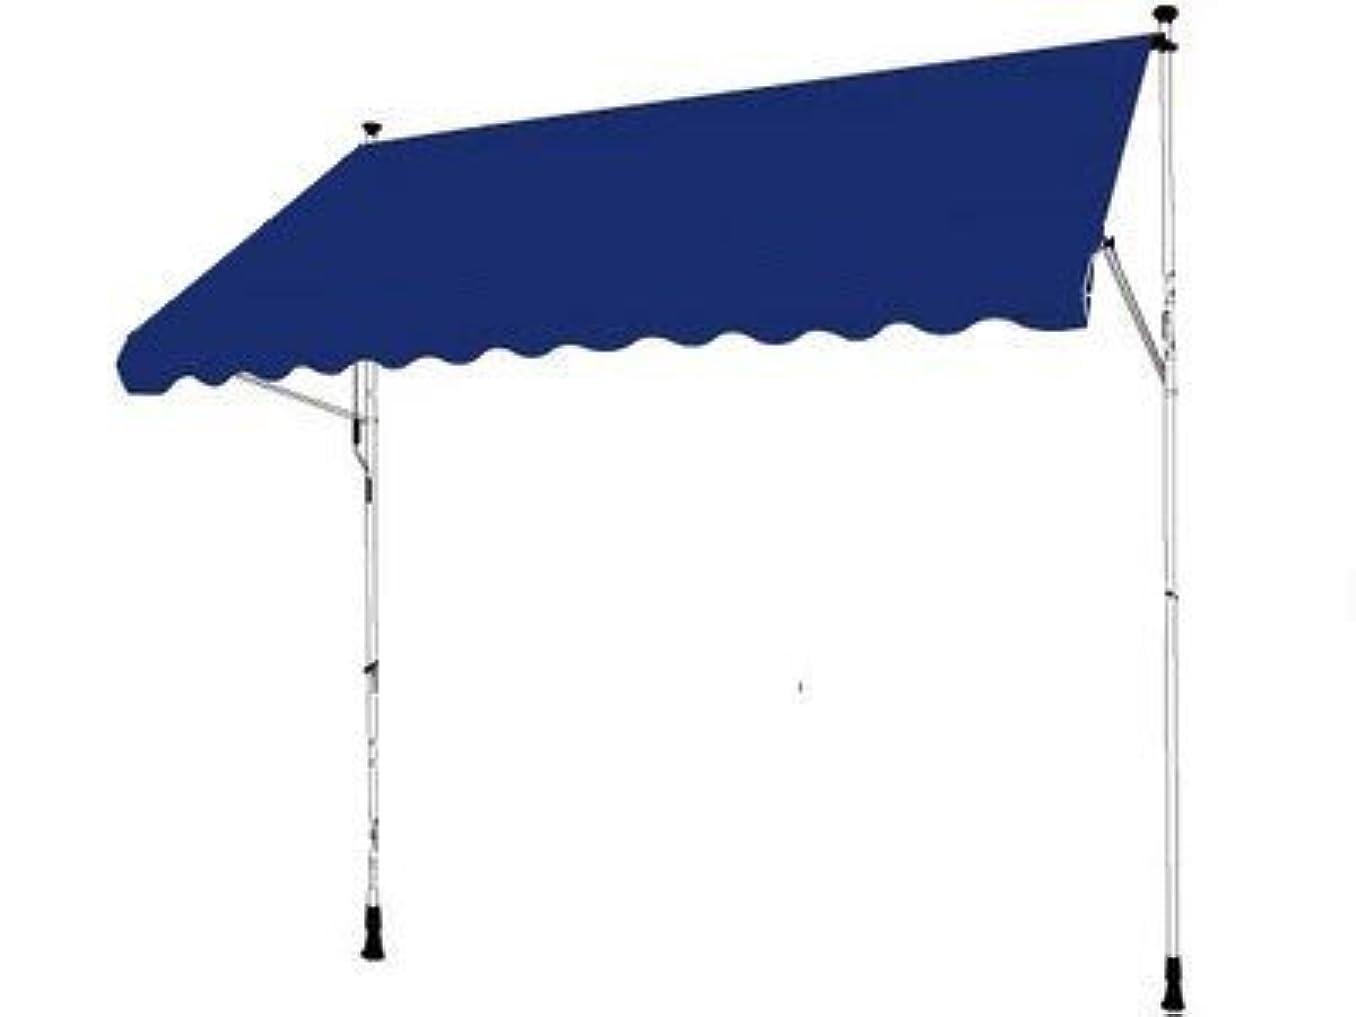 教義夫壊滅的なつっぱり式/カンタン設置/オーニングテント/1.95×1.5m/ブルー/OWT